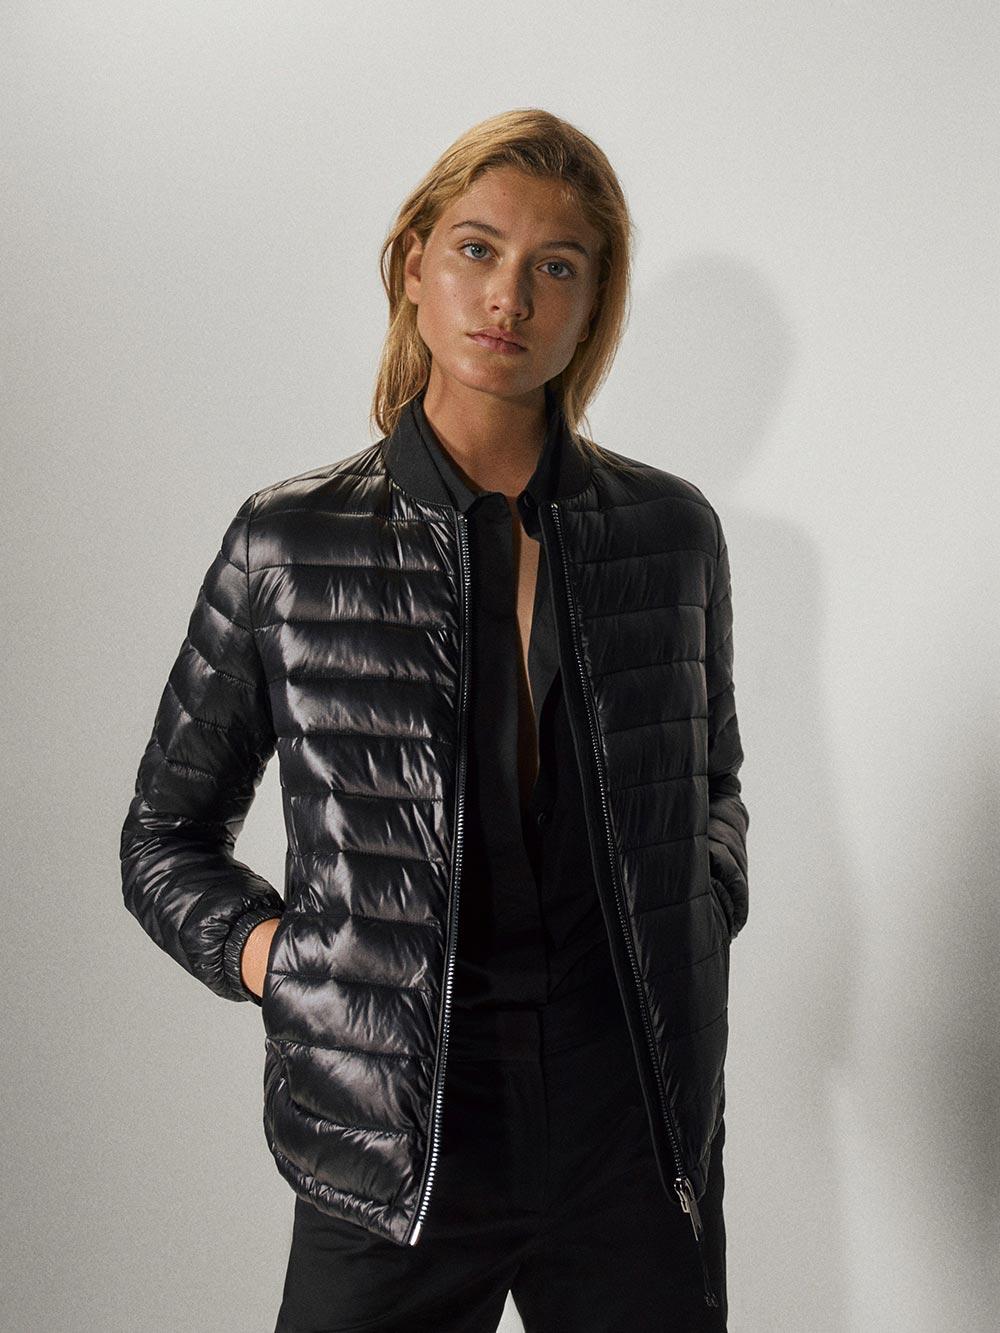 Cách chọn áo khoác phao gọn đẹp, không mập mạp như người Michelin 5